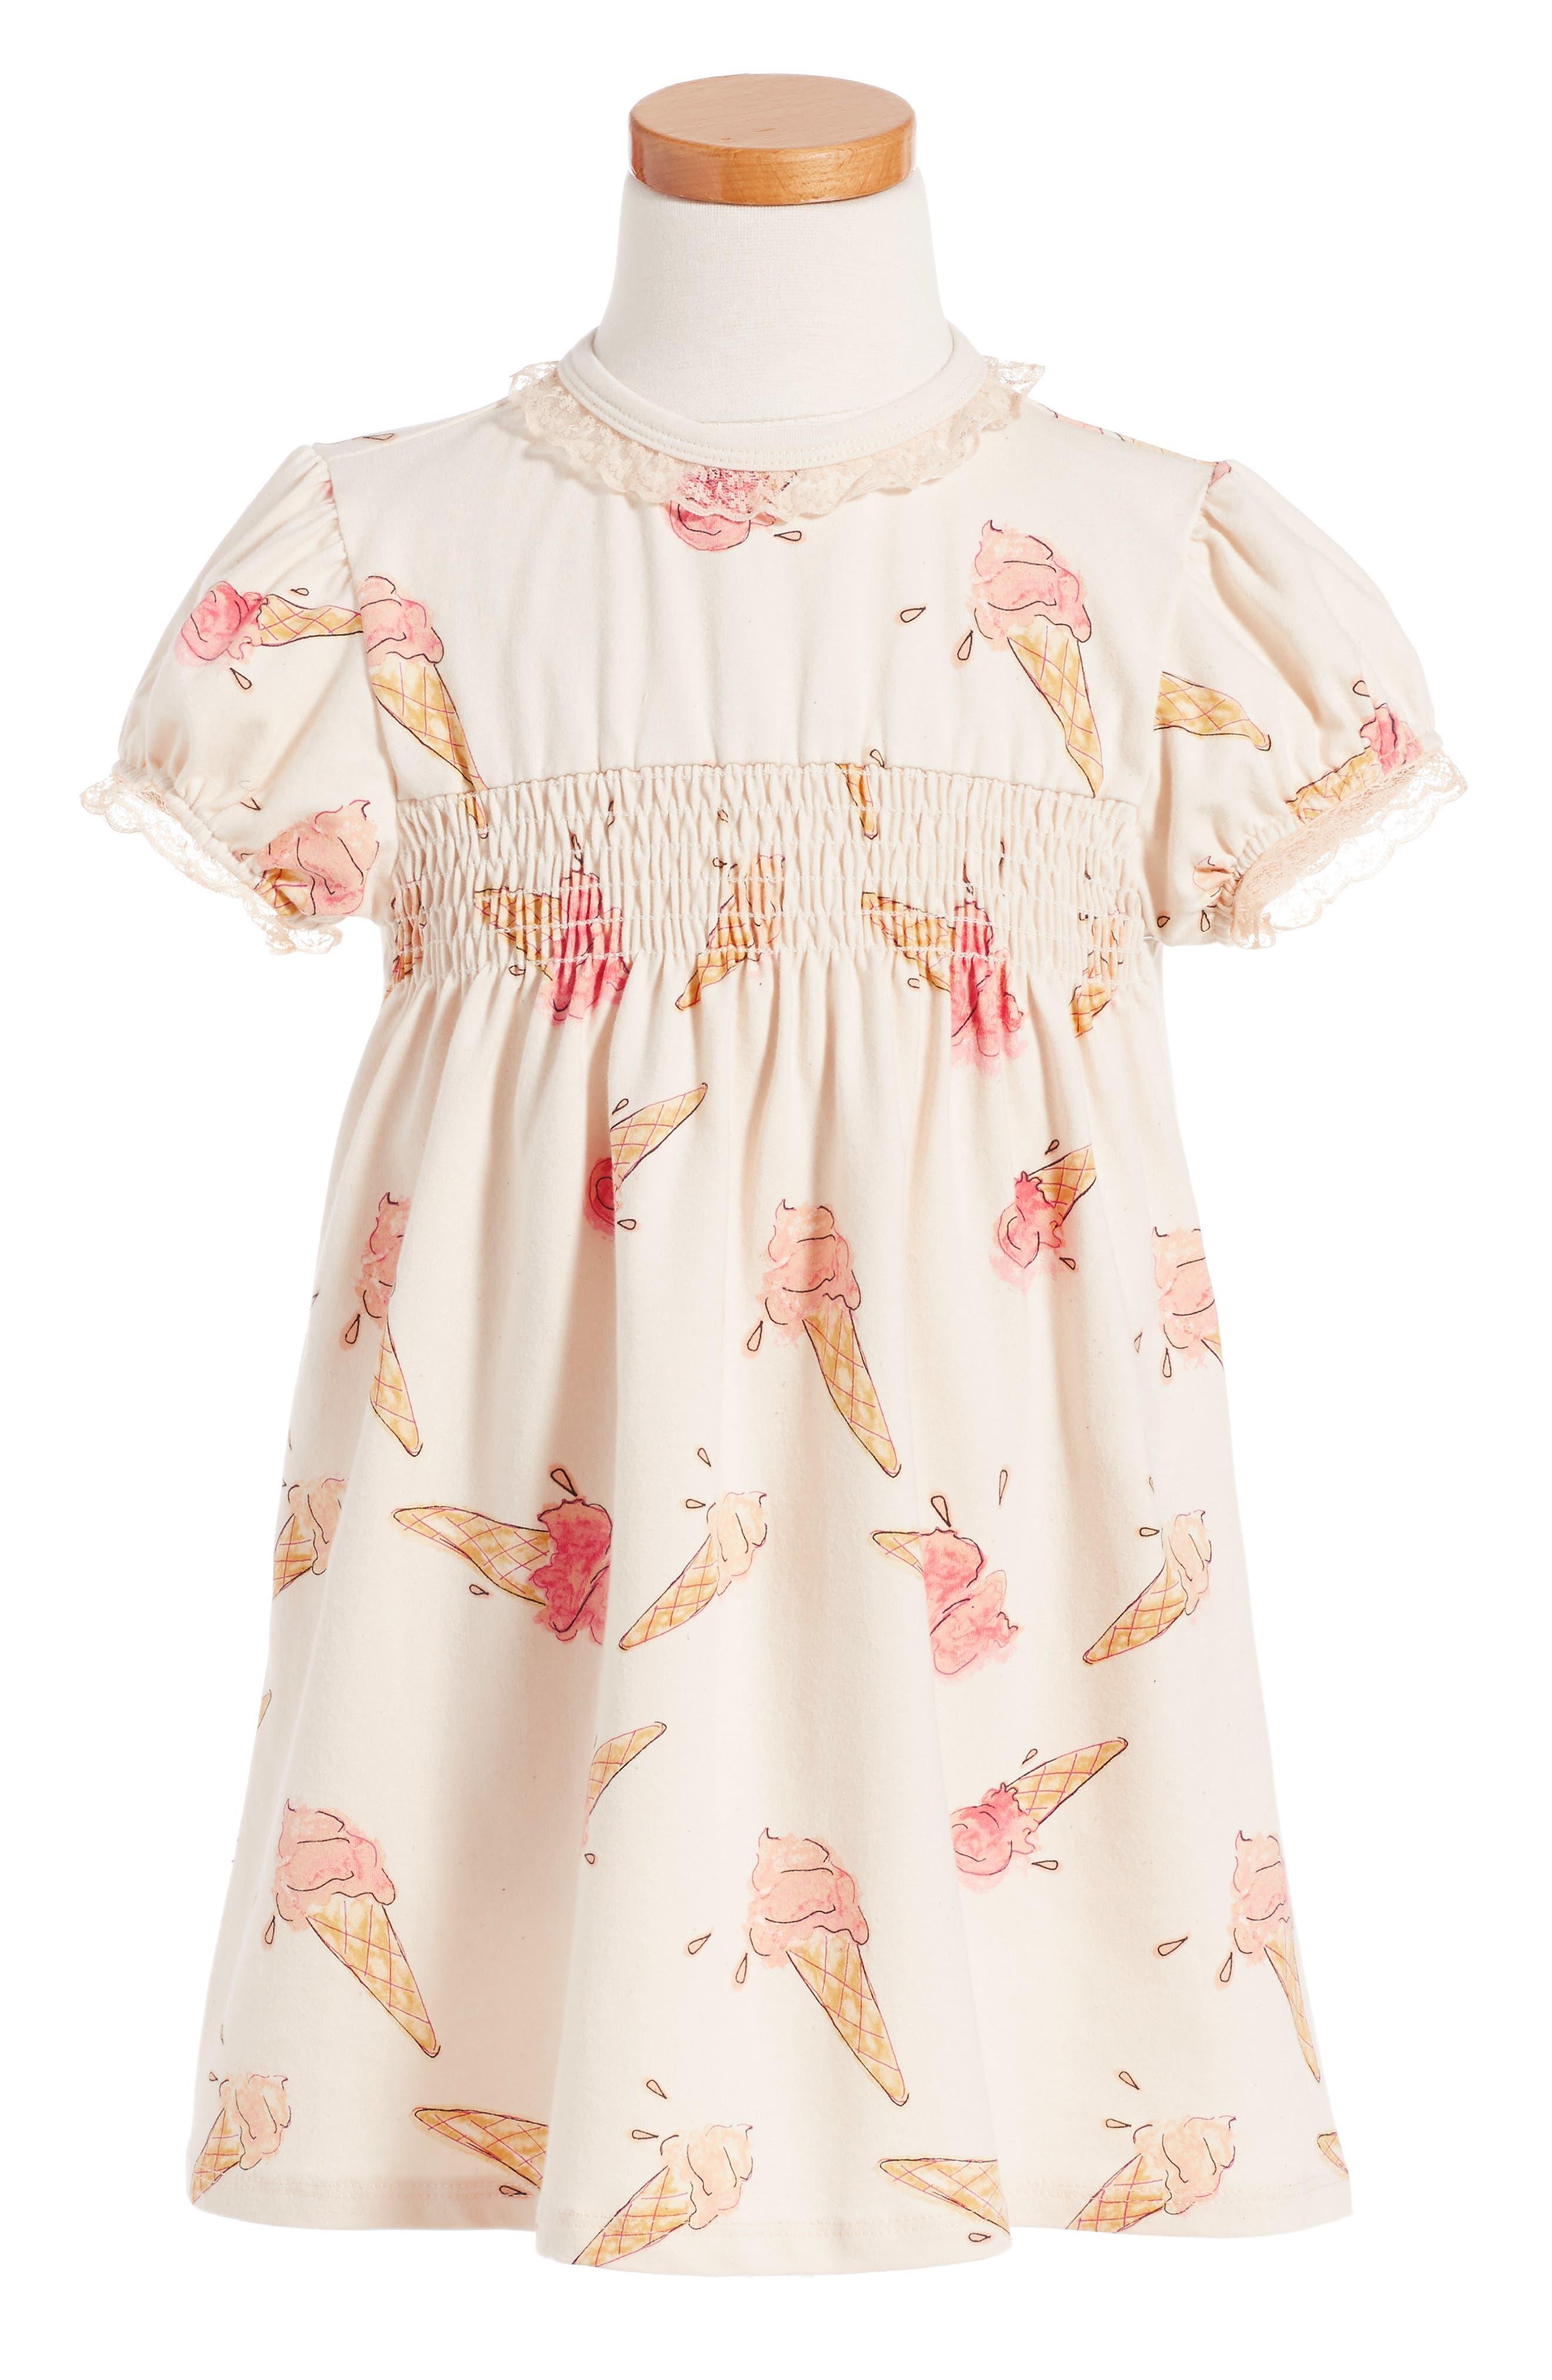 Alternate Image 1 Selected - For Love & Lemons Ice Cream Print Dress (Toddler Girls & Little Girls)